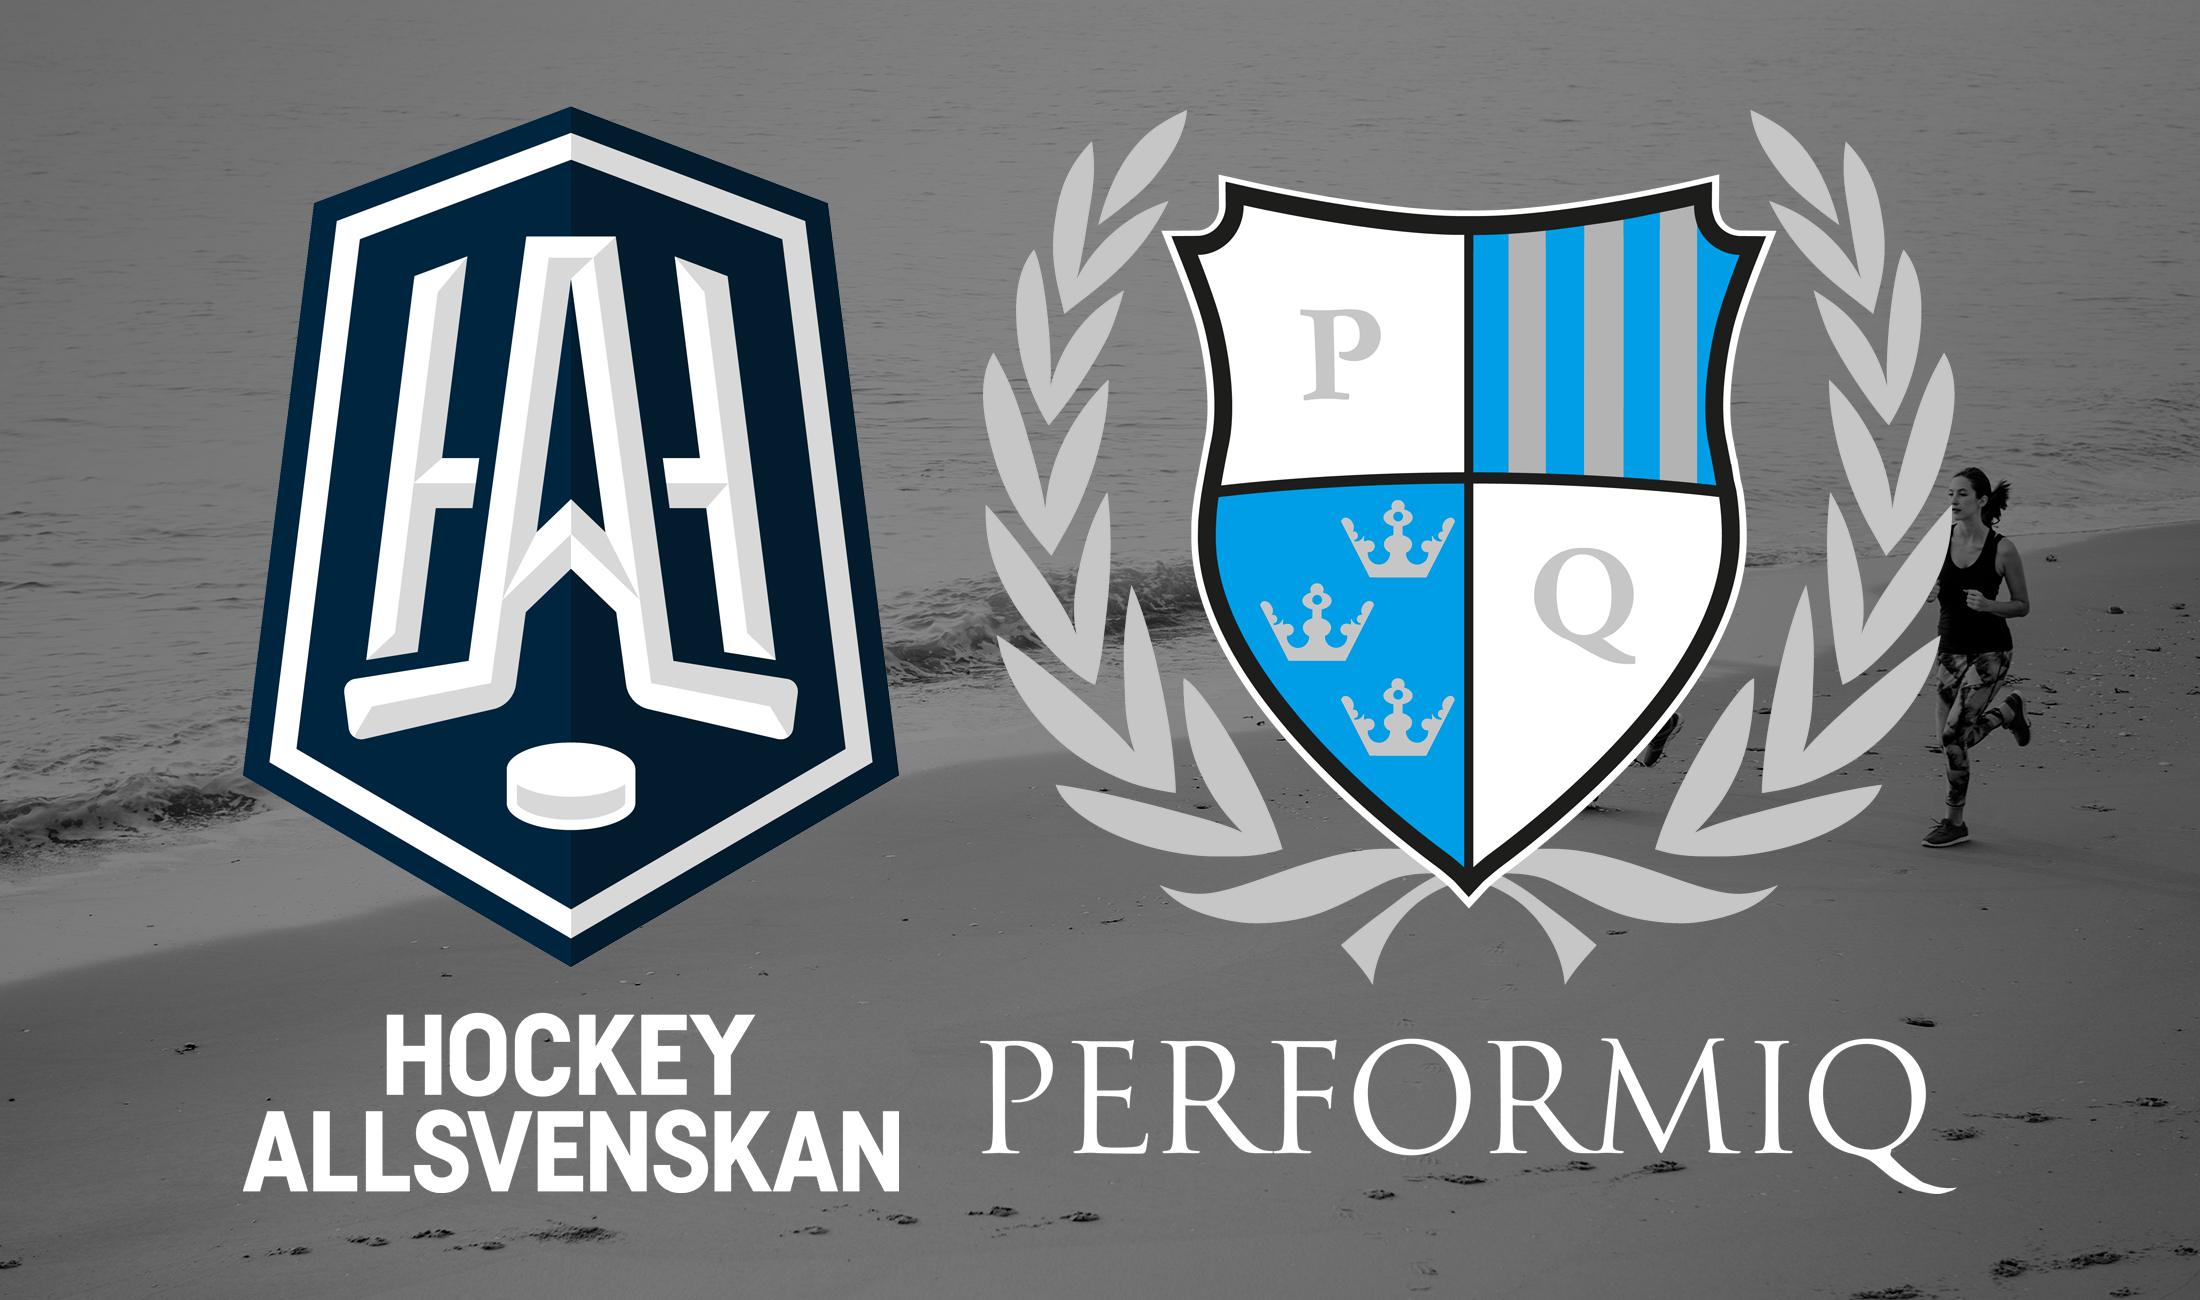 PerformIQ satsar tillsammans med Hockeyallsvenskan!